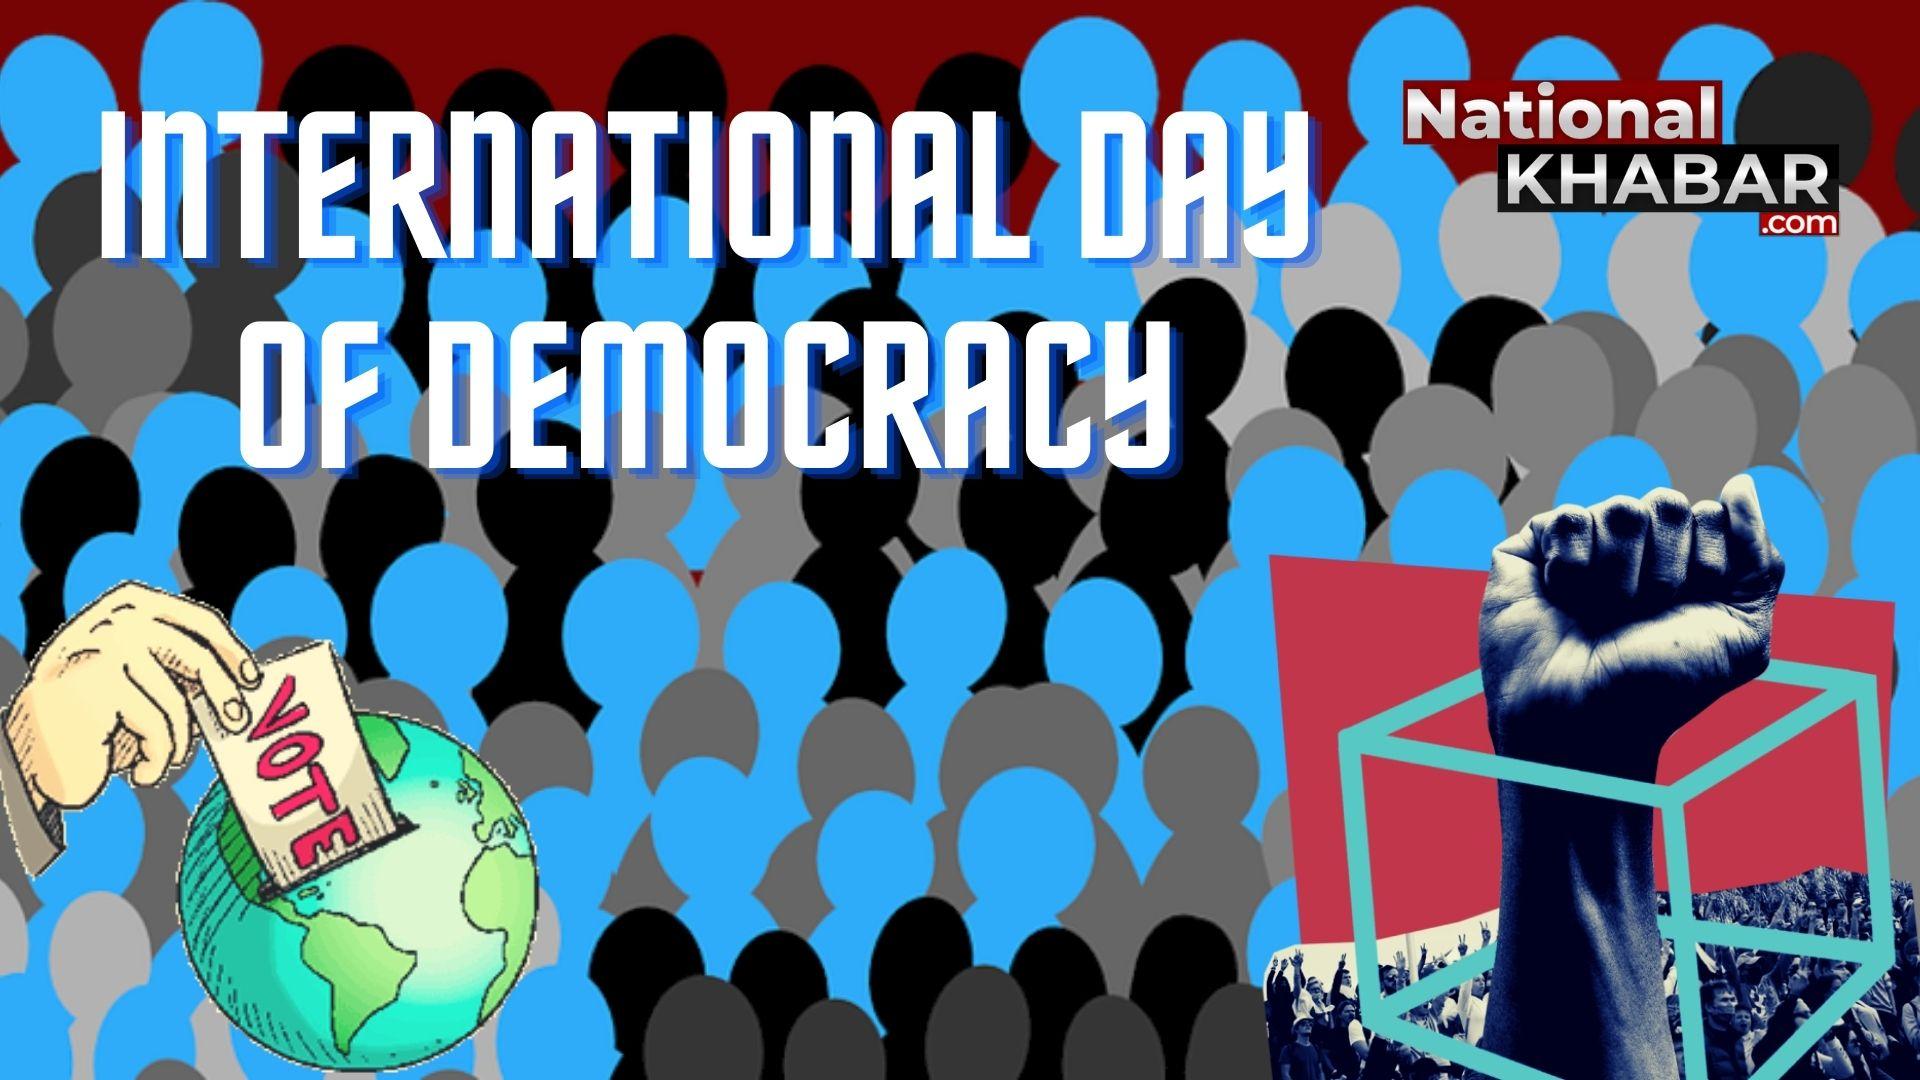 International Day of Democracy: वैश्विक स्तर पर लोकतंत्र दिवस क्यों?